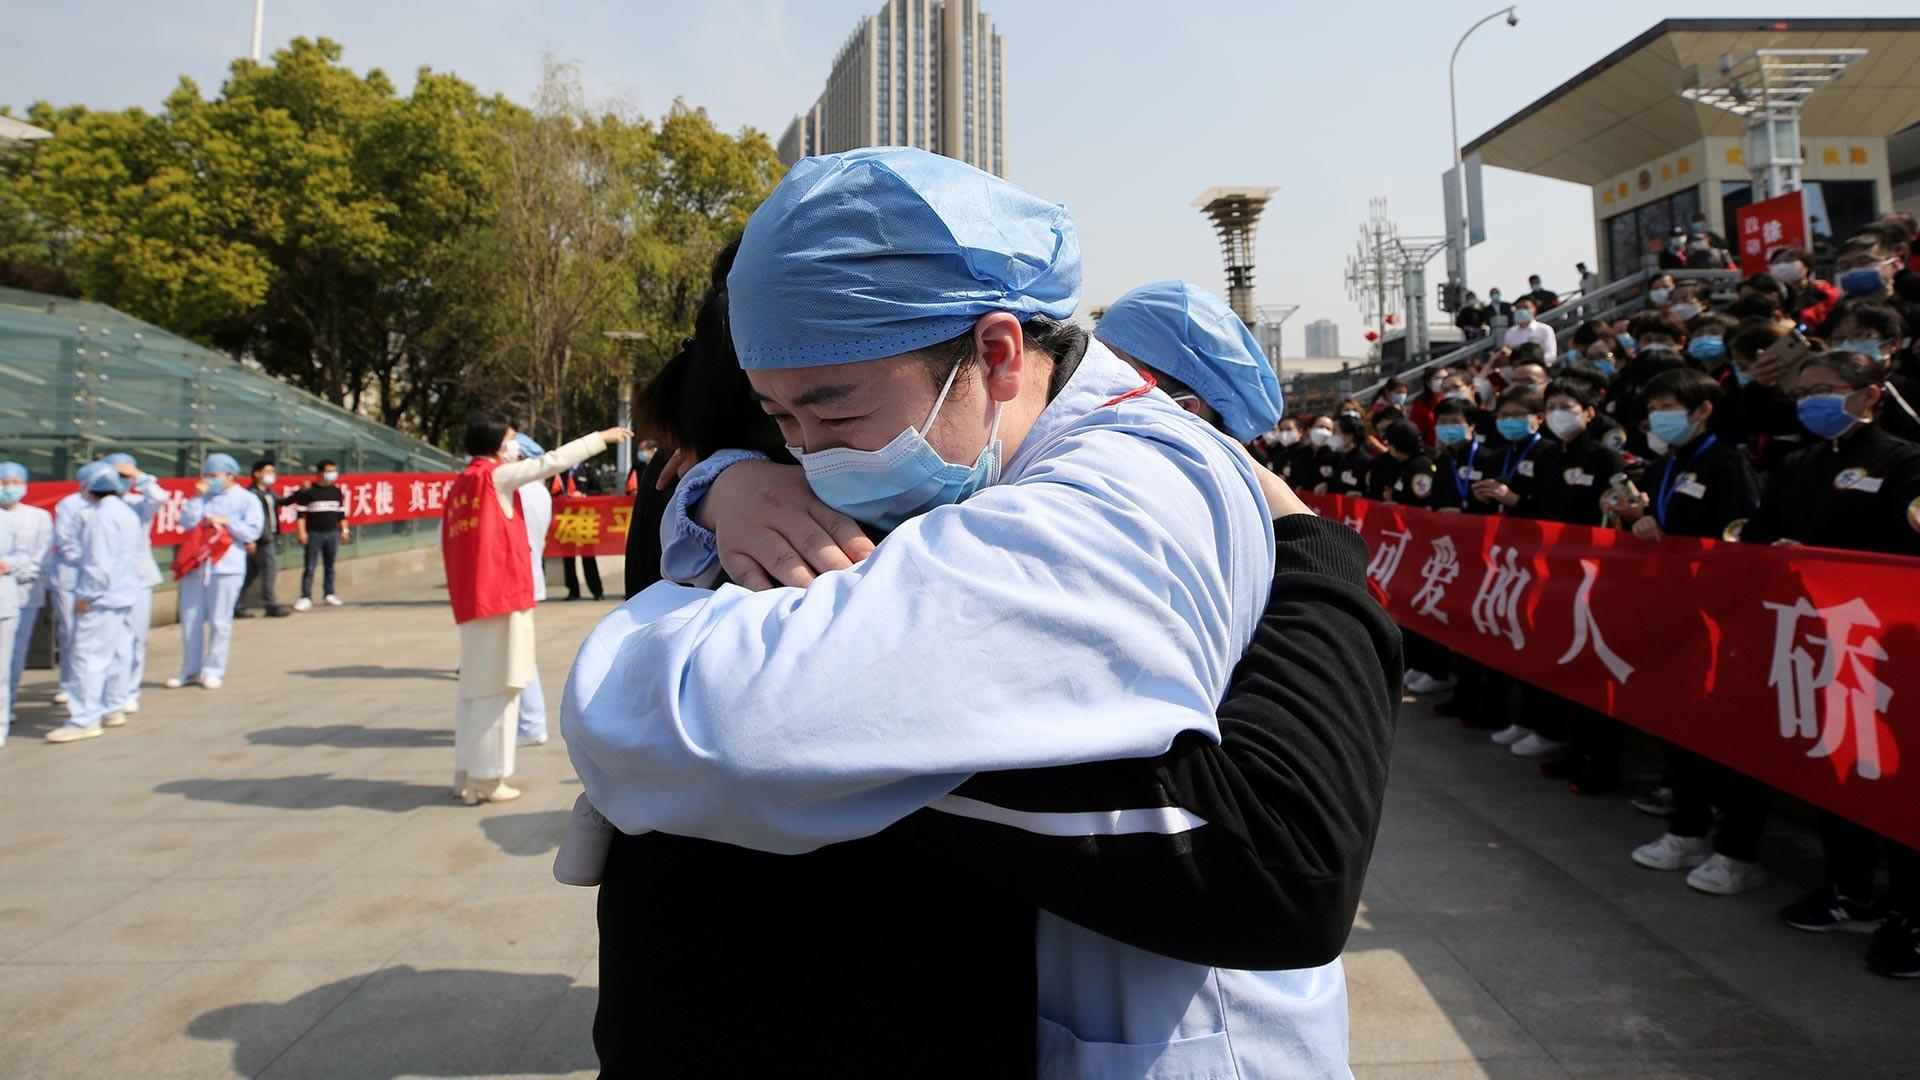 Lokalni medicinski radnik ispraća medicinskog radnika iz pokrajine Jiangsu, željeznička postaja Wuhan.